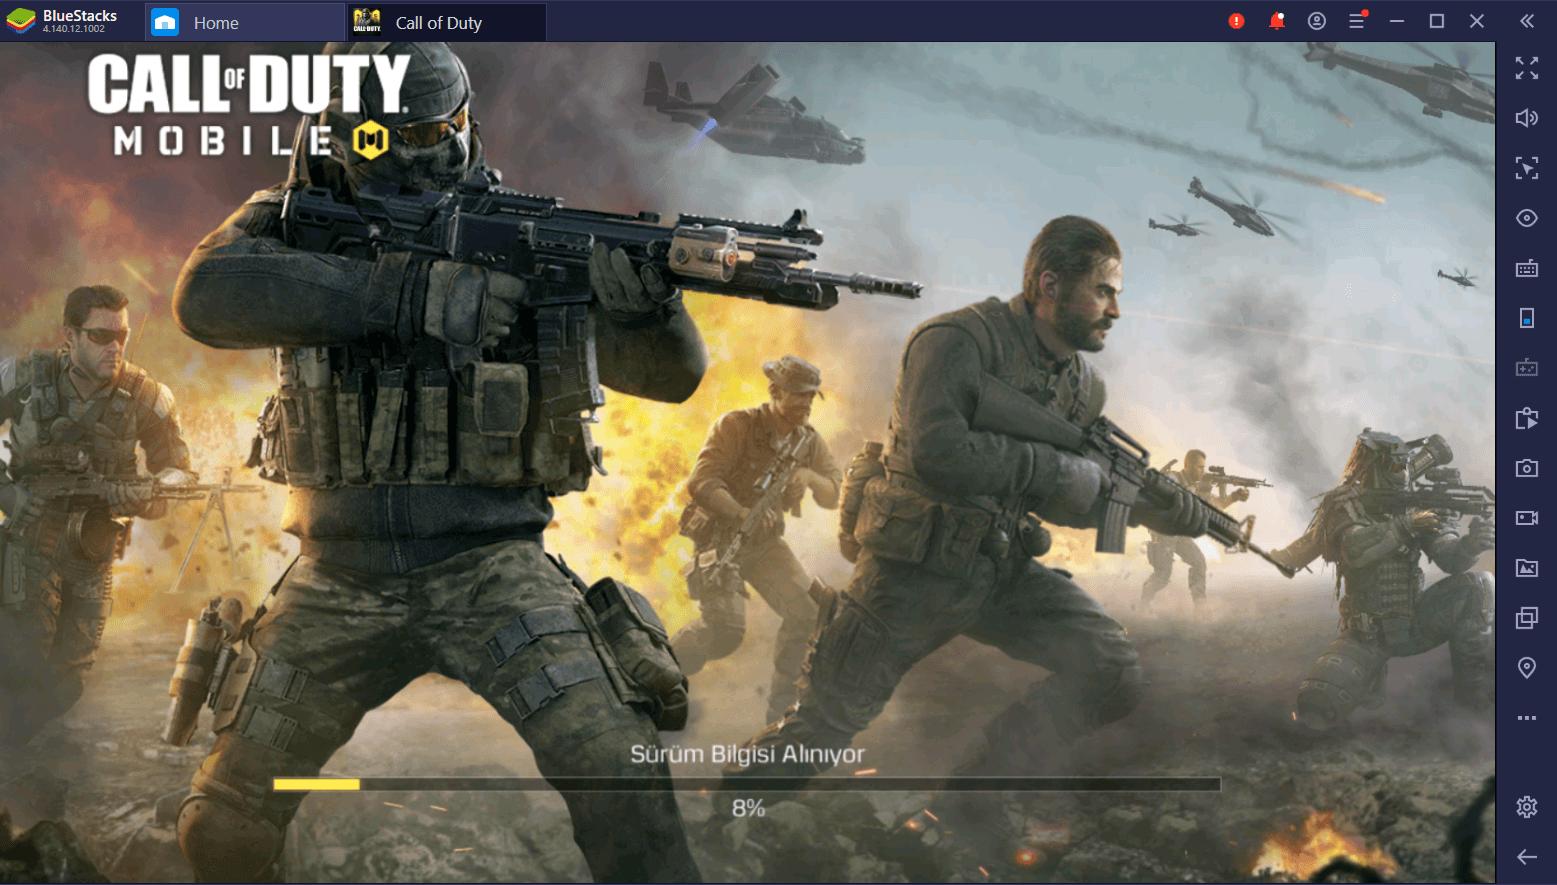 Call of Duty Mobile Bilgisayardan Nasıl Oynanır? Tabii ki BlueStacks ile!